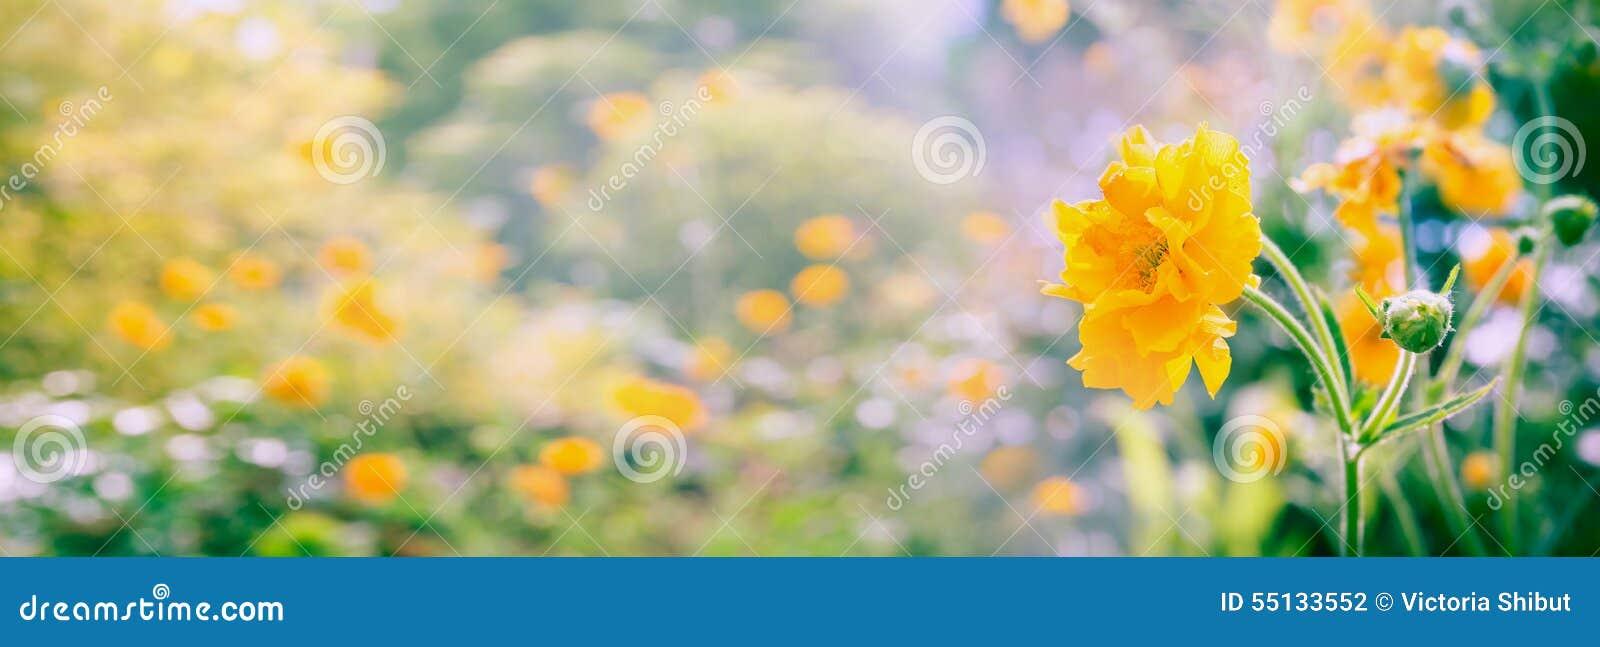 El Geum amarillo florece panorama en el fondo borroso del jardín o del parque del verano, bandera